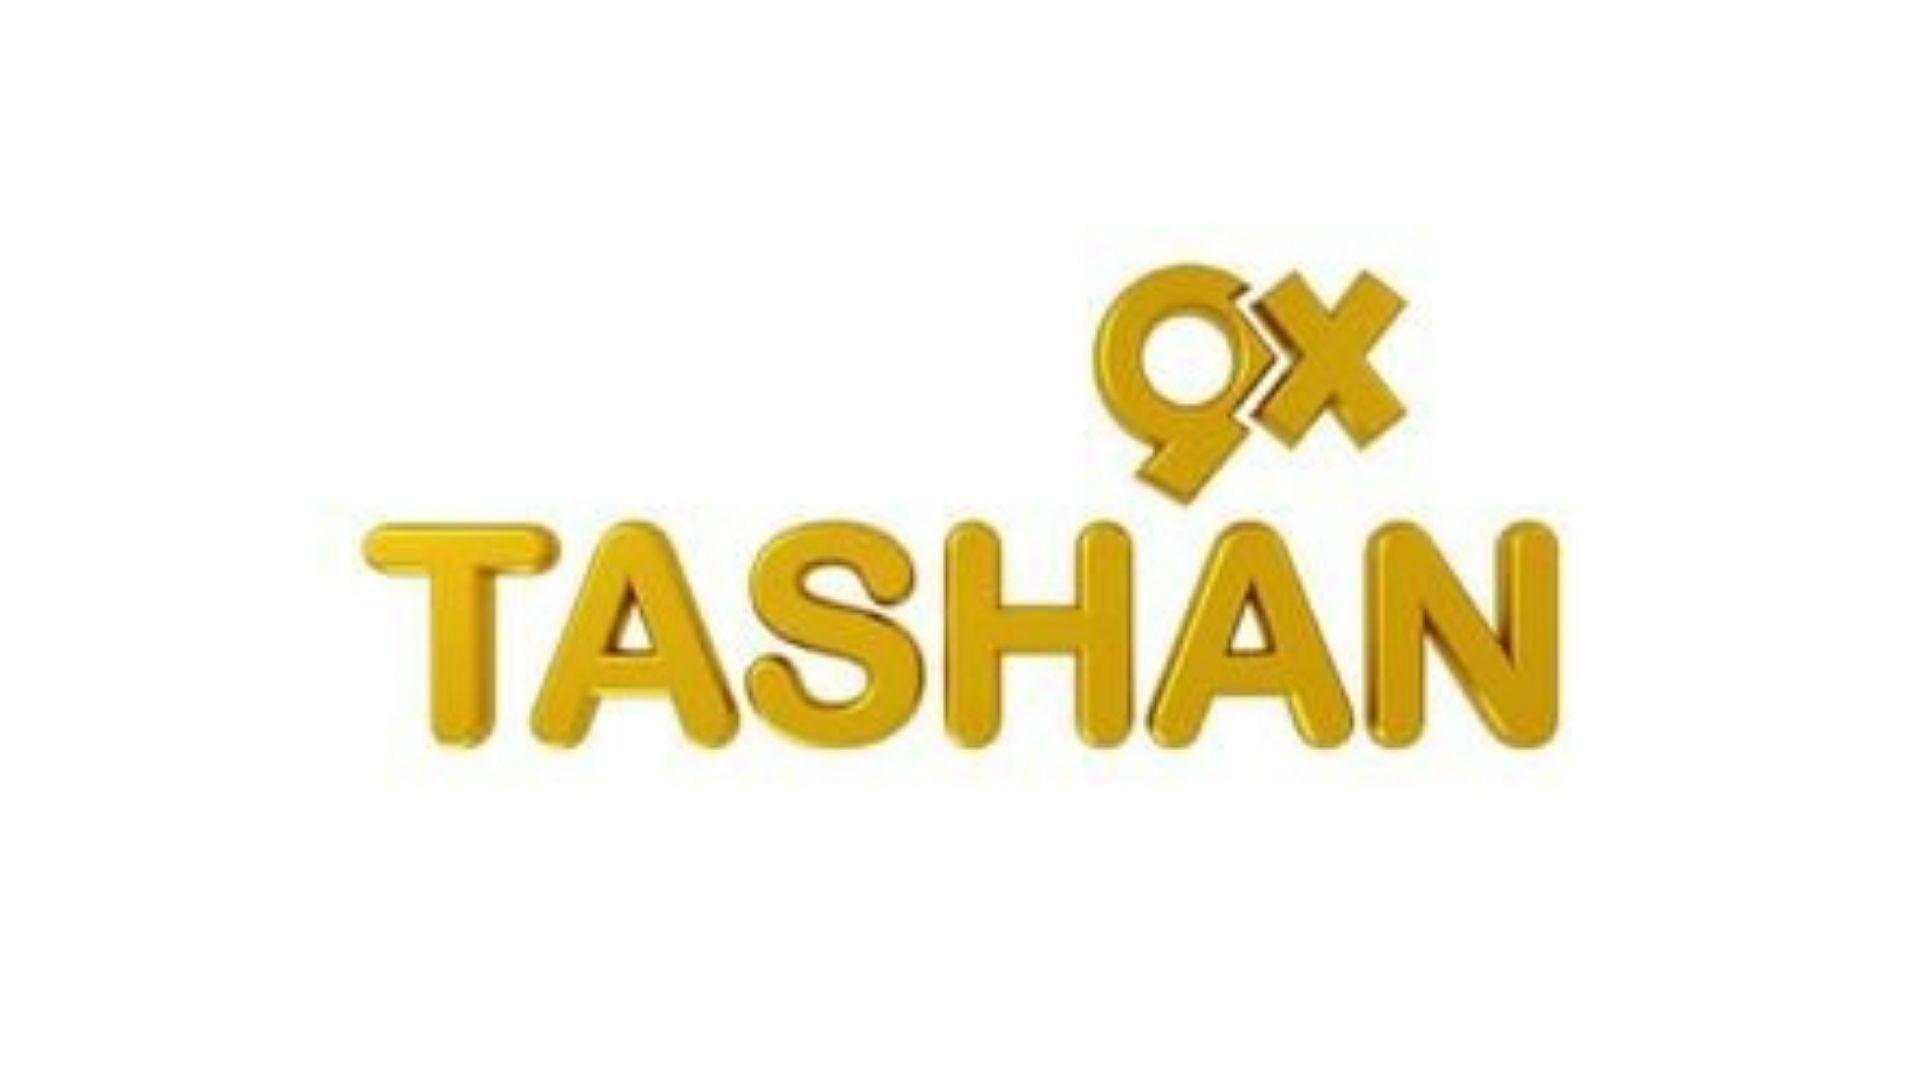 tashan?blur=25